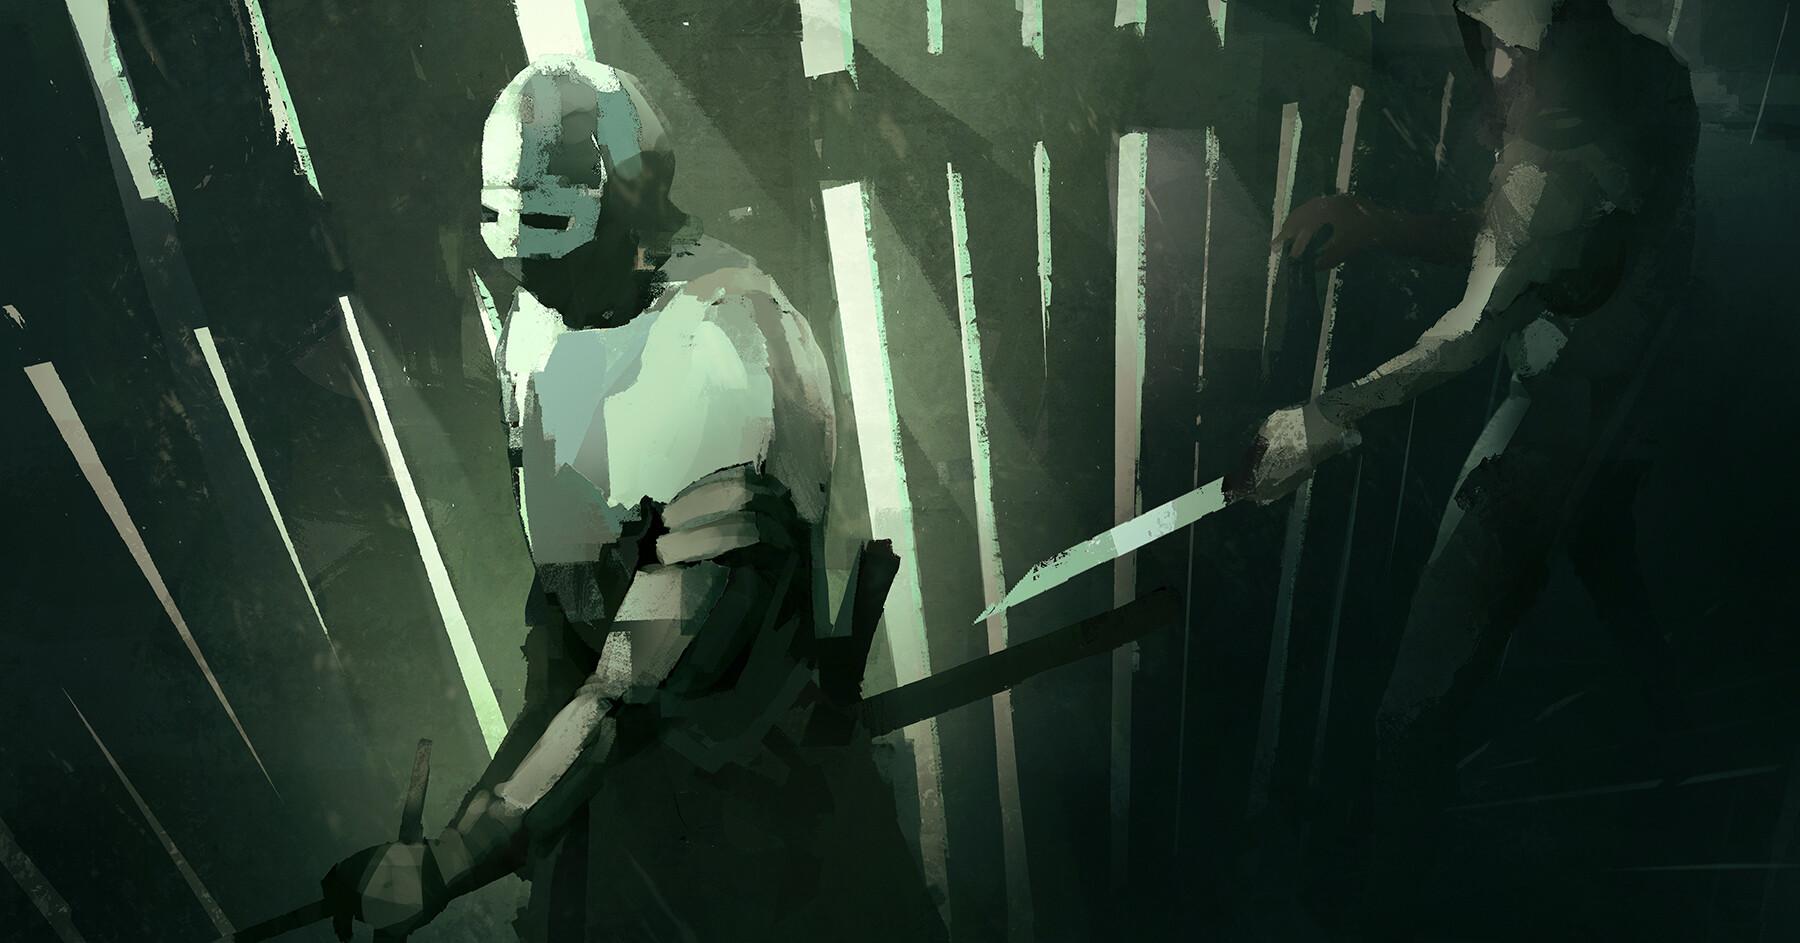 Jaromir hrivnac knife in the dark 02